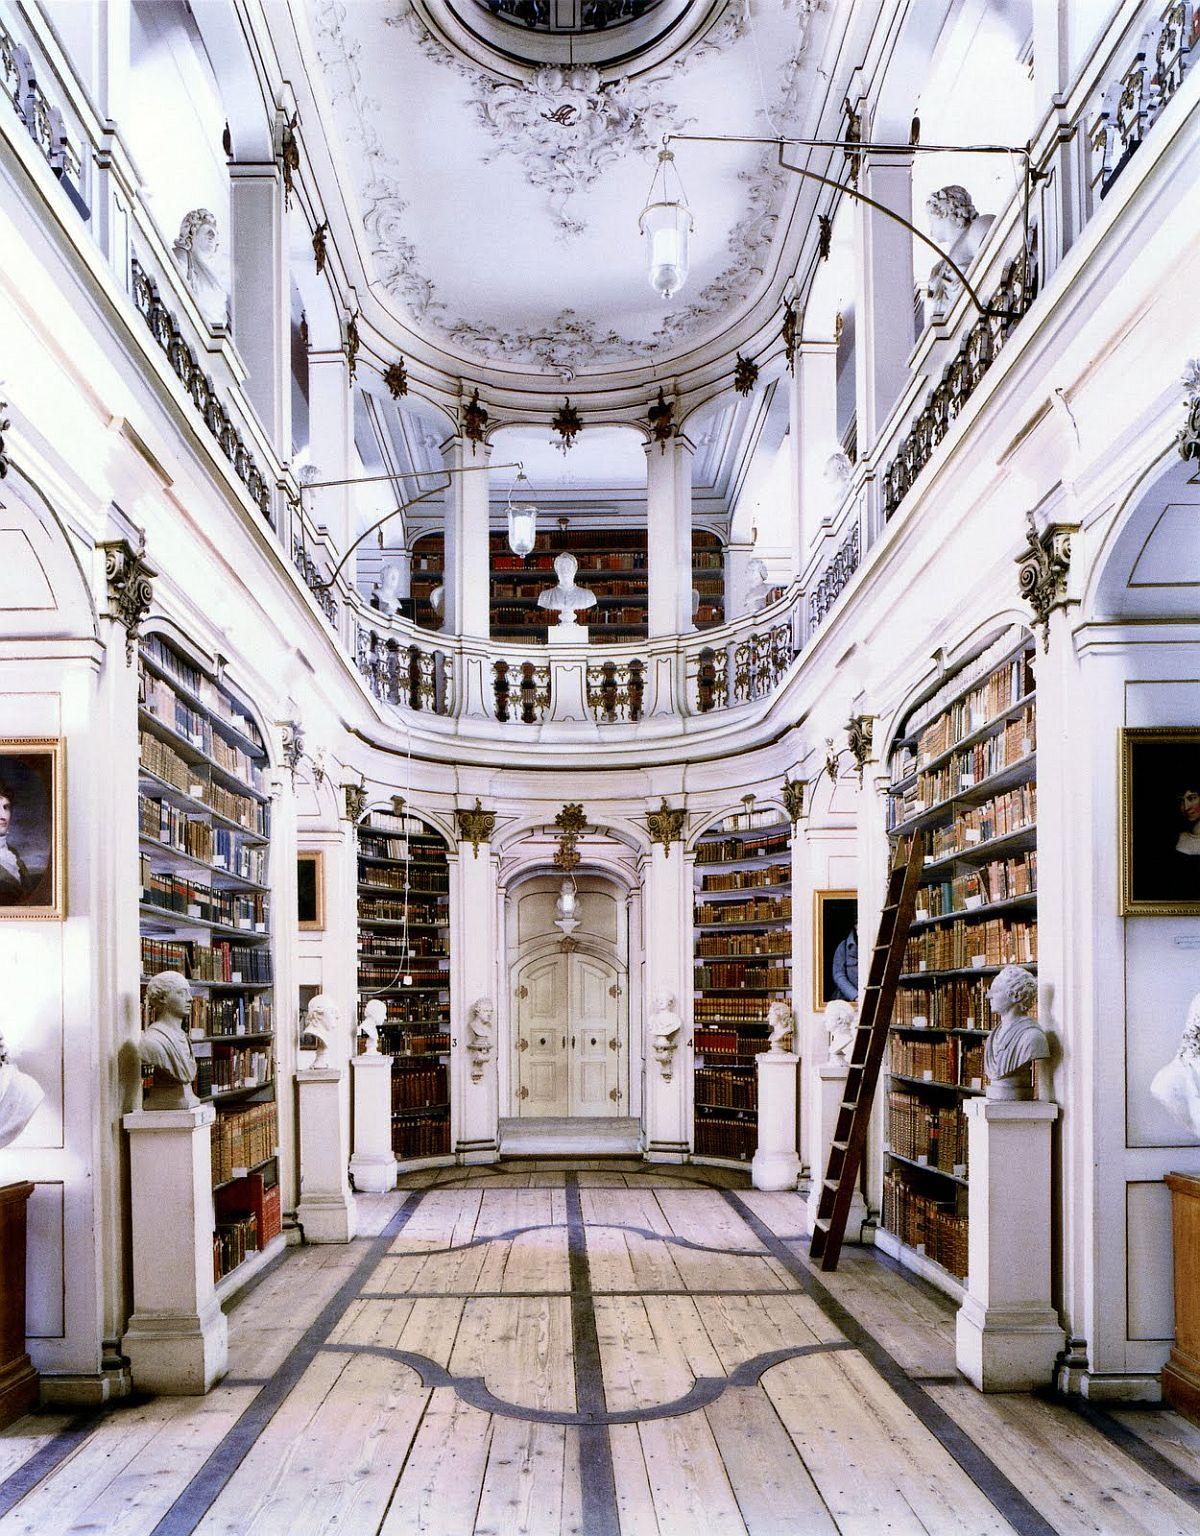 candida-hofer-interior-architecture-22